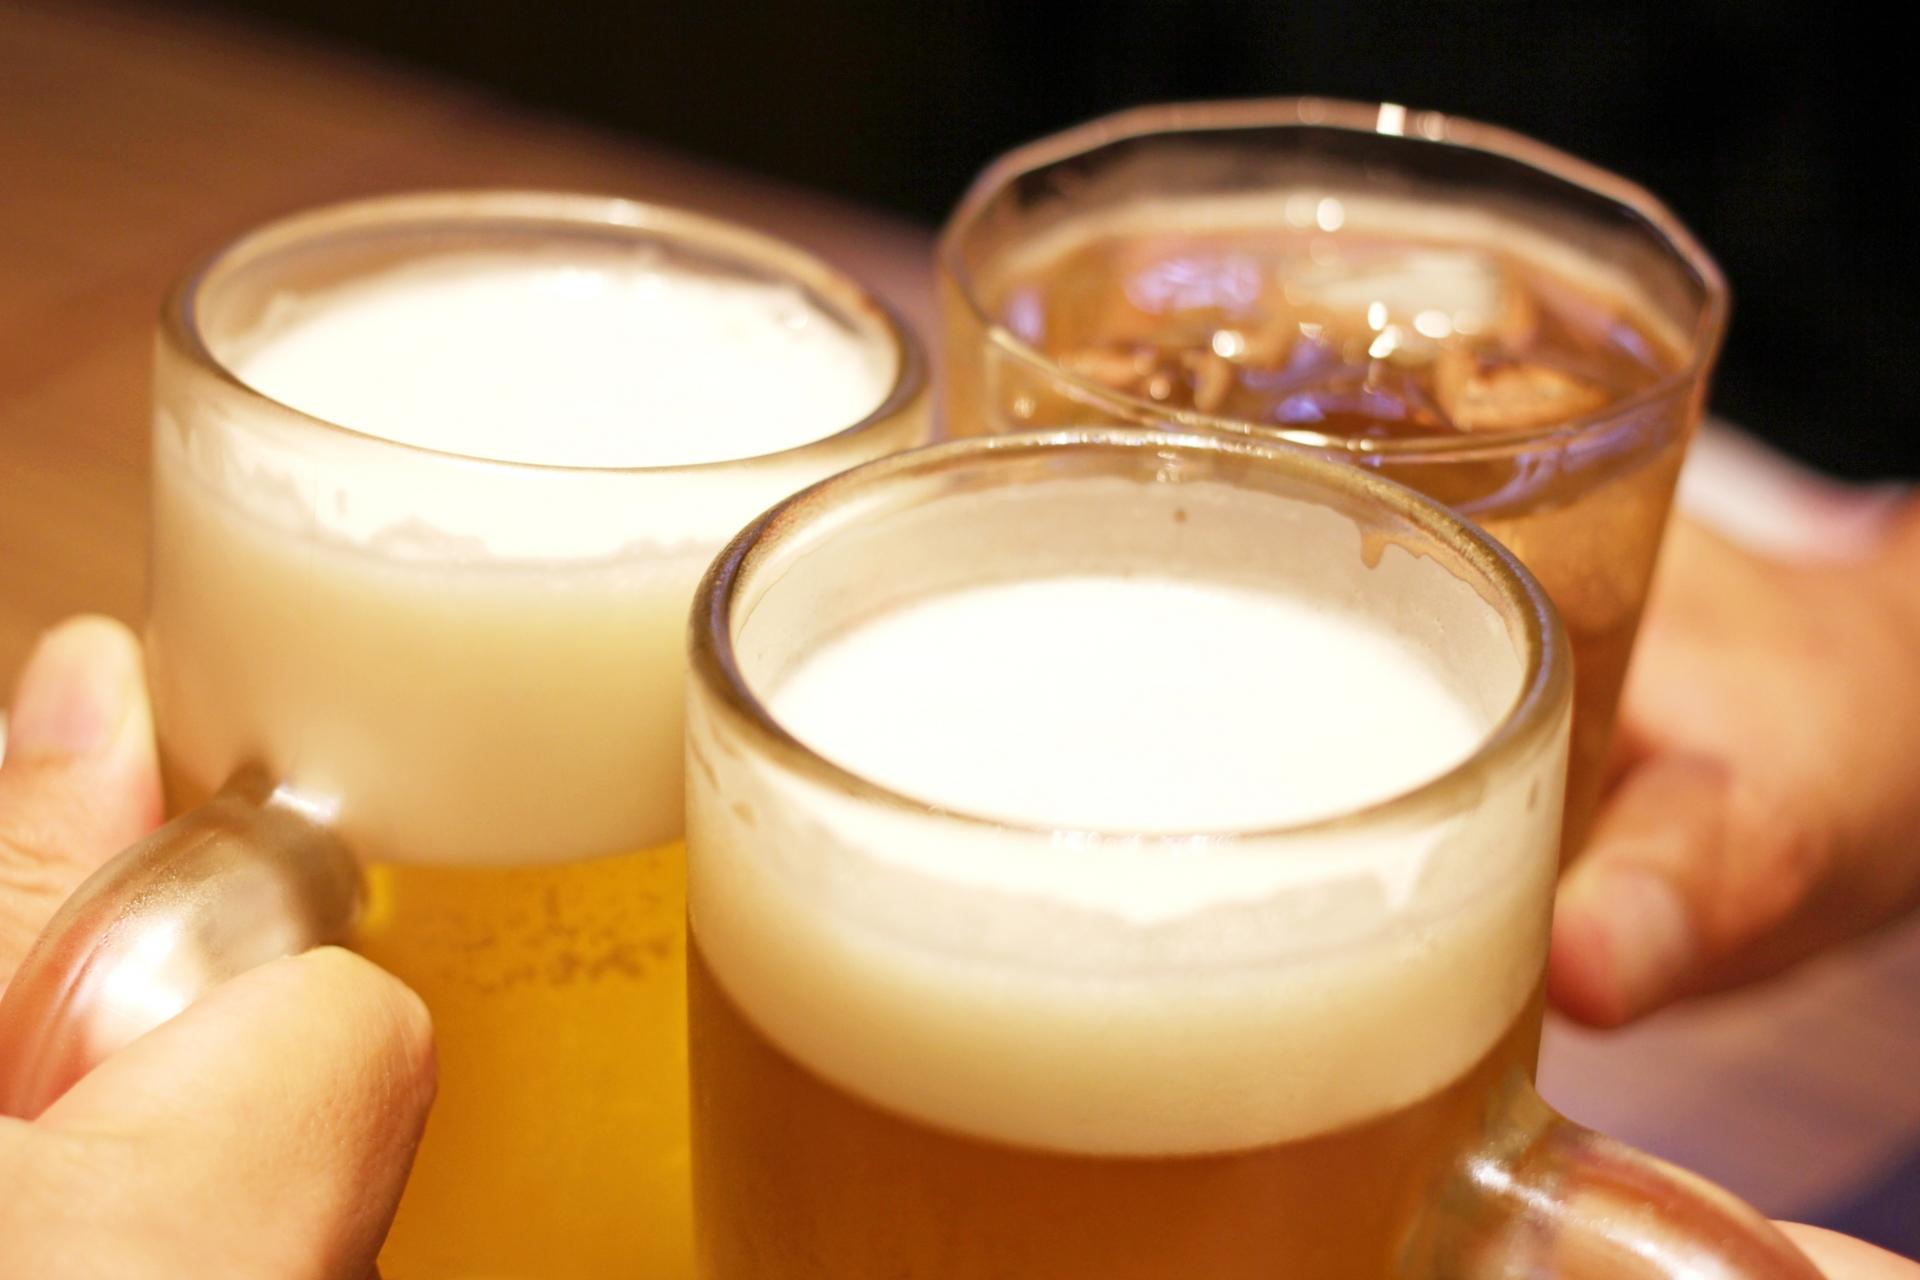 安い!気楽に飲めるお台場の居酒屋5選 深夜4時営業も【クーポン有】